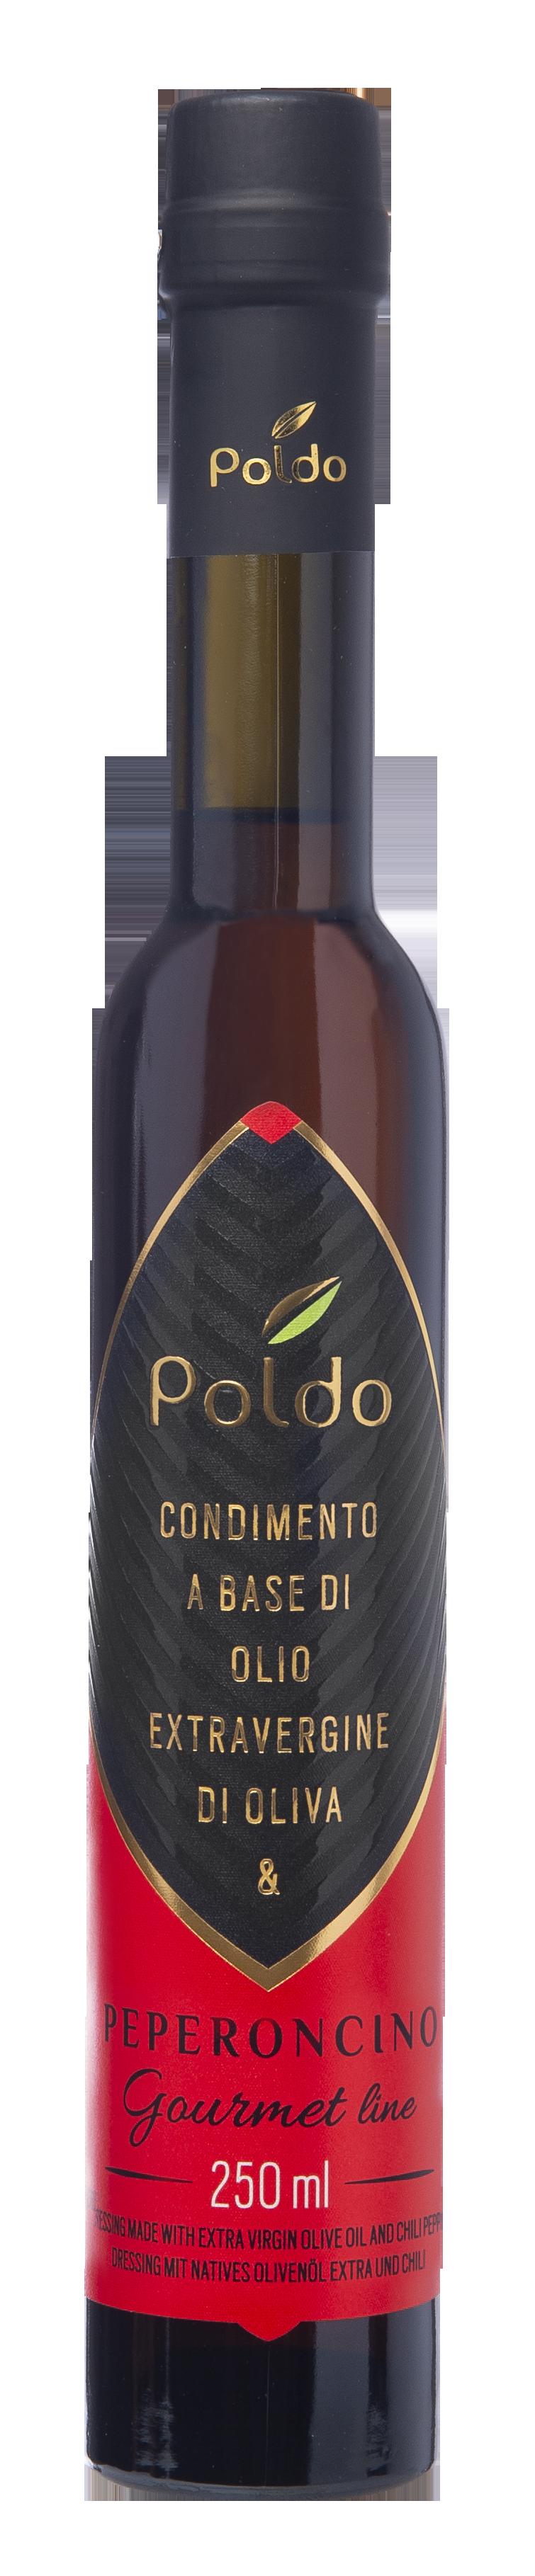 Bottiglia da 250 ml di condimento al peperoncino gourmet